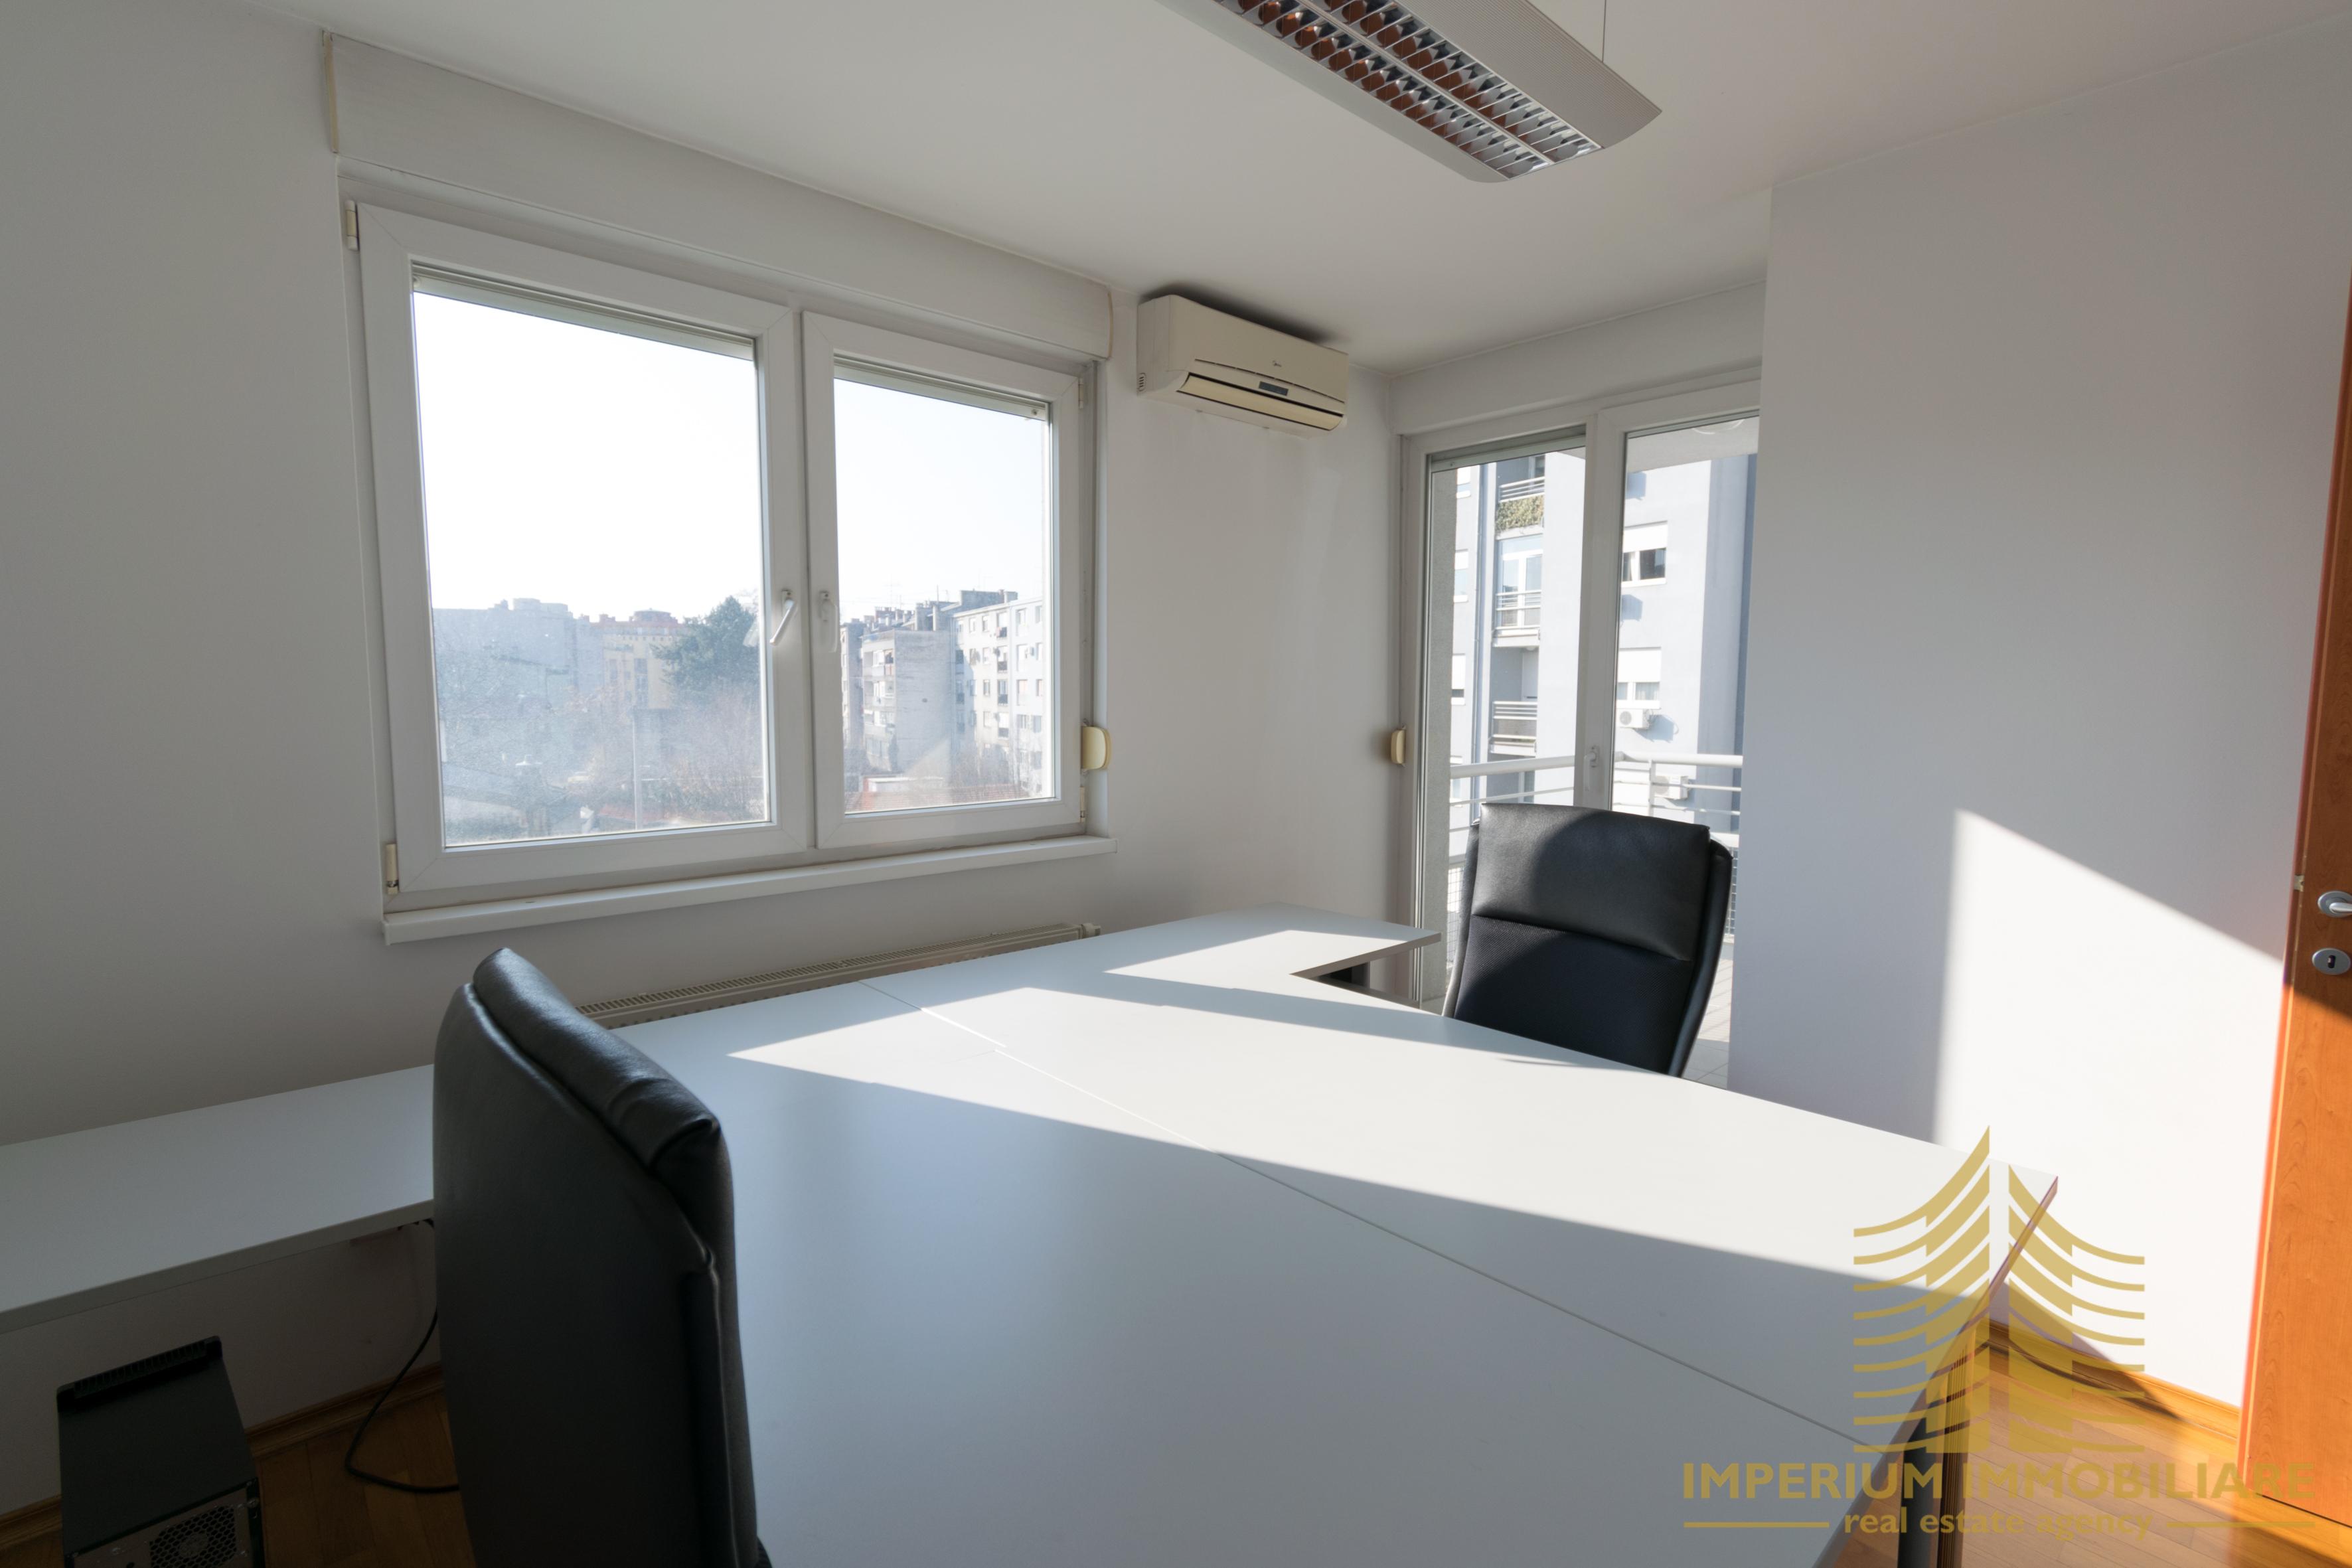 Poslovni prostor: Zagreb (Trešnjevka), uredski, 101 m2, PRILIKA (iznajmljivanje)